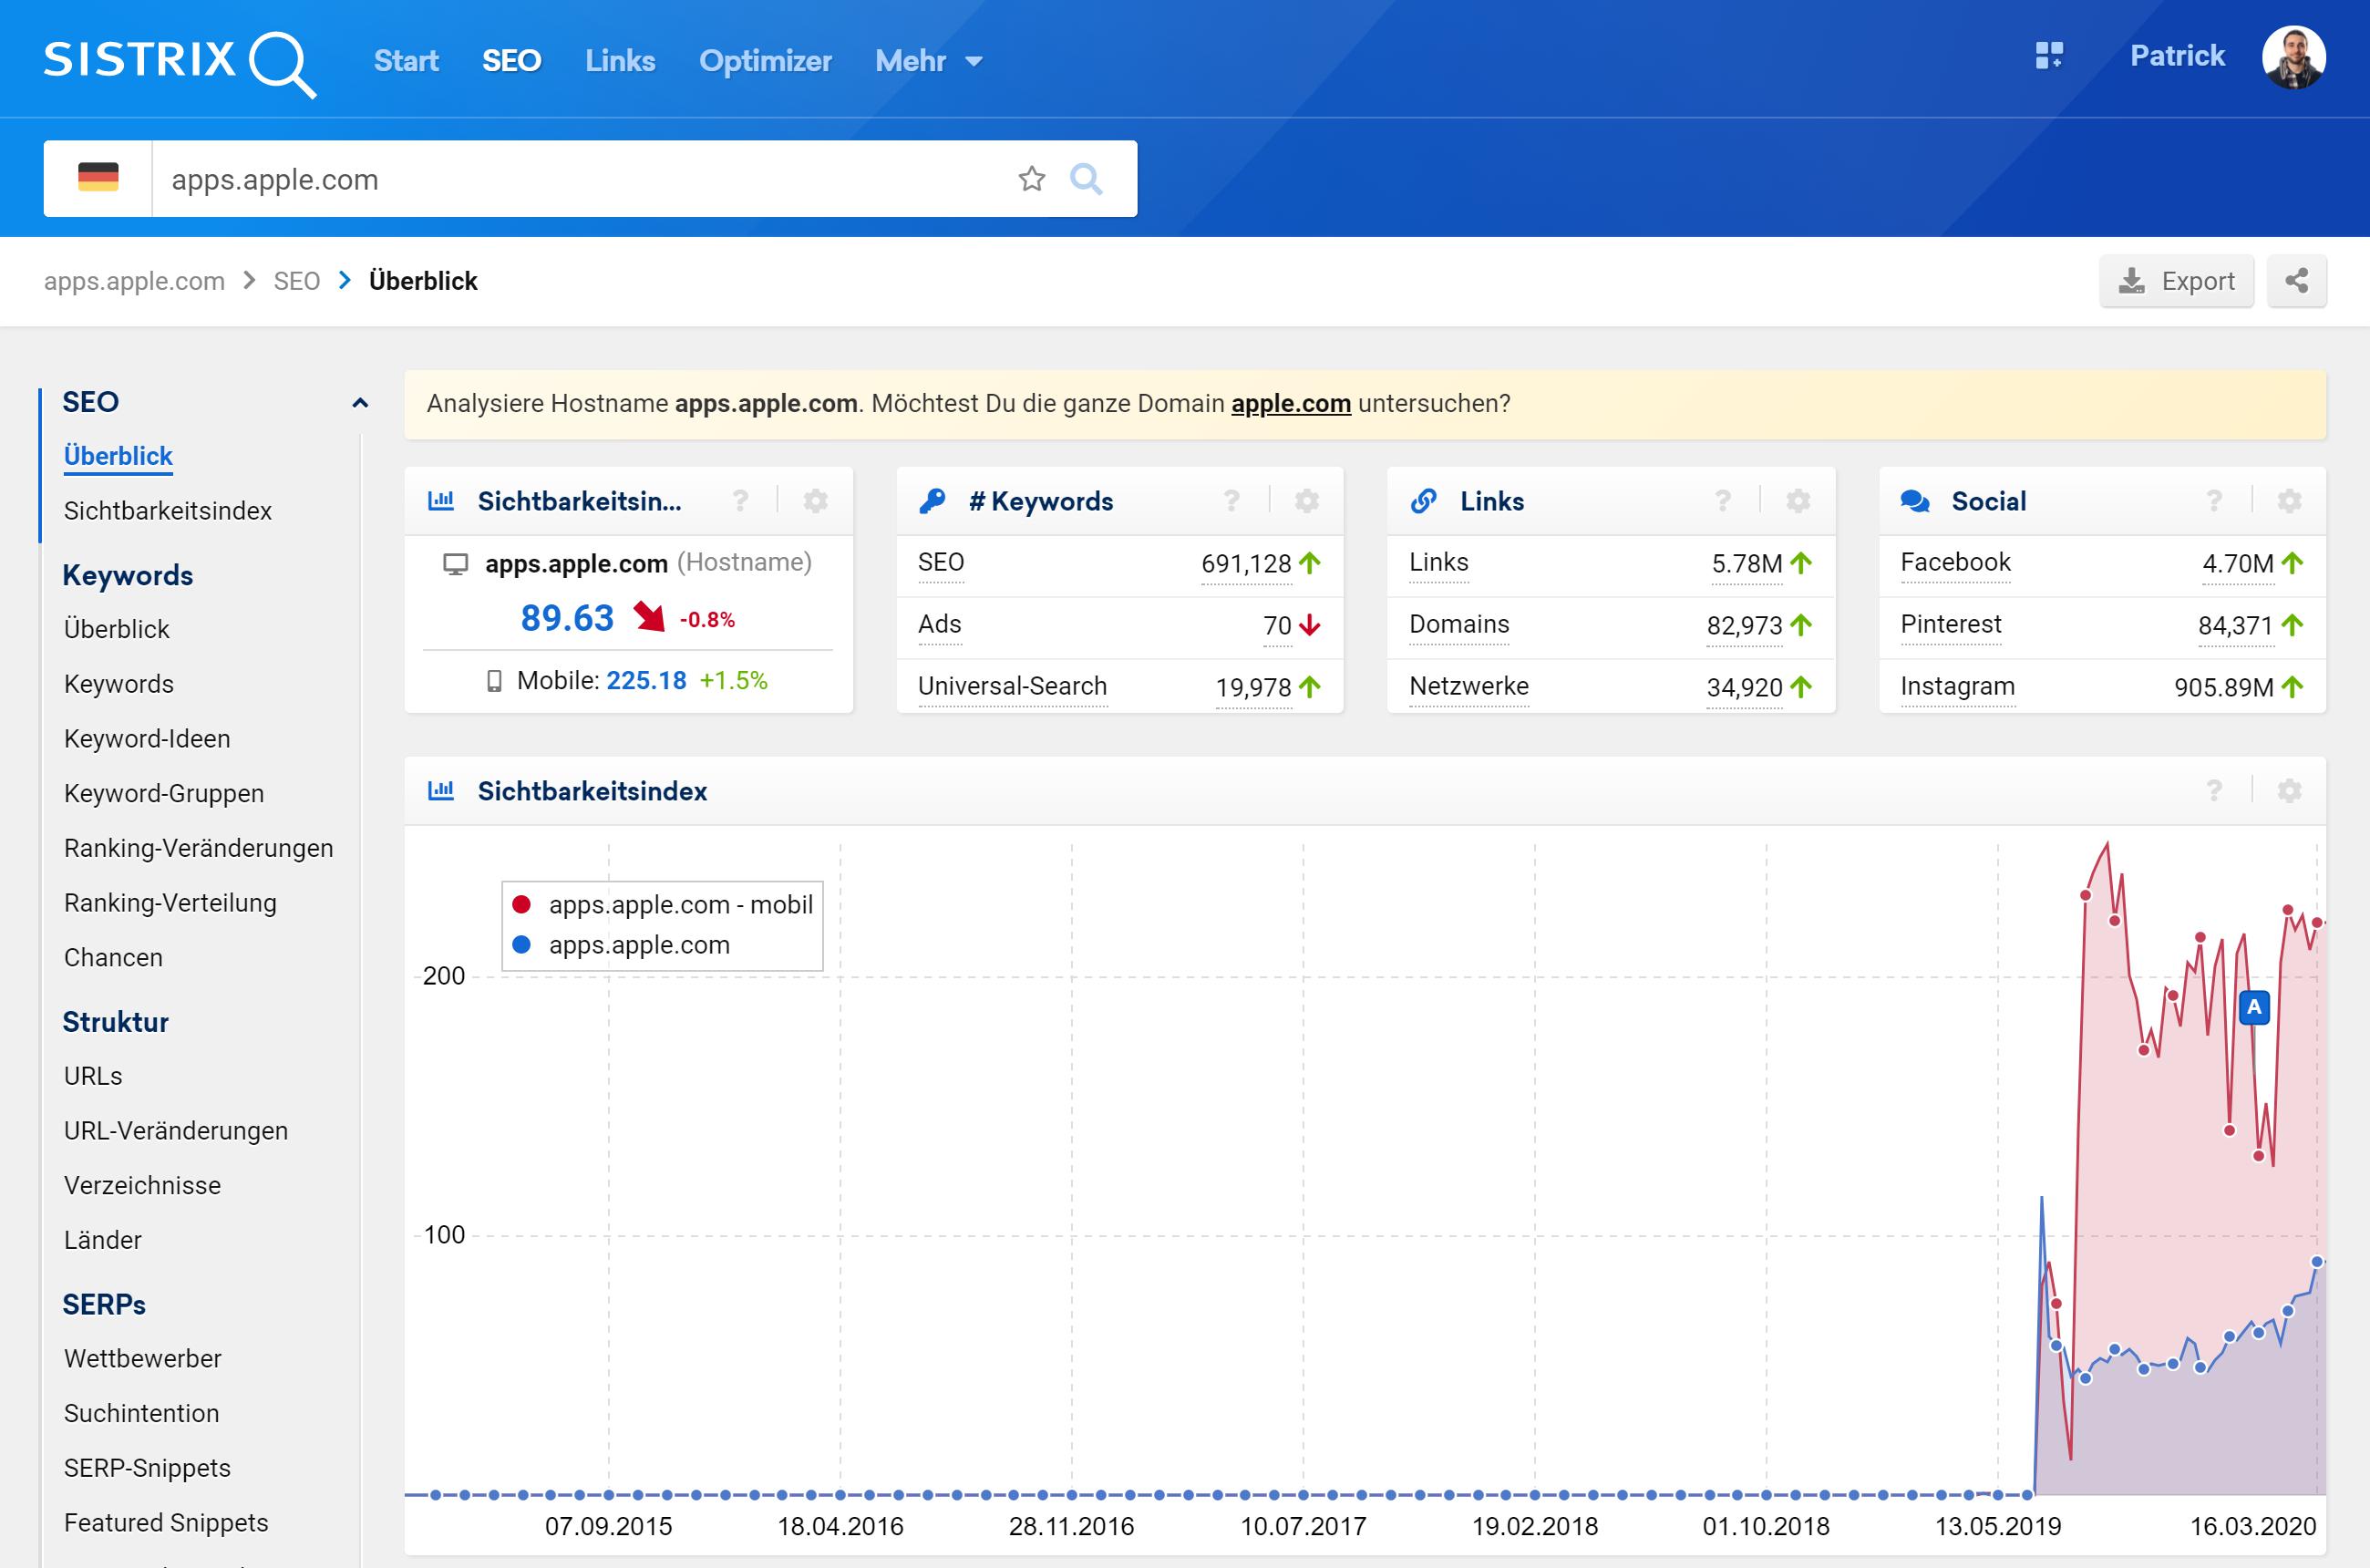 Überblickseite in der SISTRIX Toolbox, bei Eingabe eines Hosts in die Suchleiste. Alle gezeigten Informationen beziehen sich nur auf diesen Host und auch die linke Navigation ist auf die Daten dieses Hosts beschränkt.